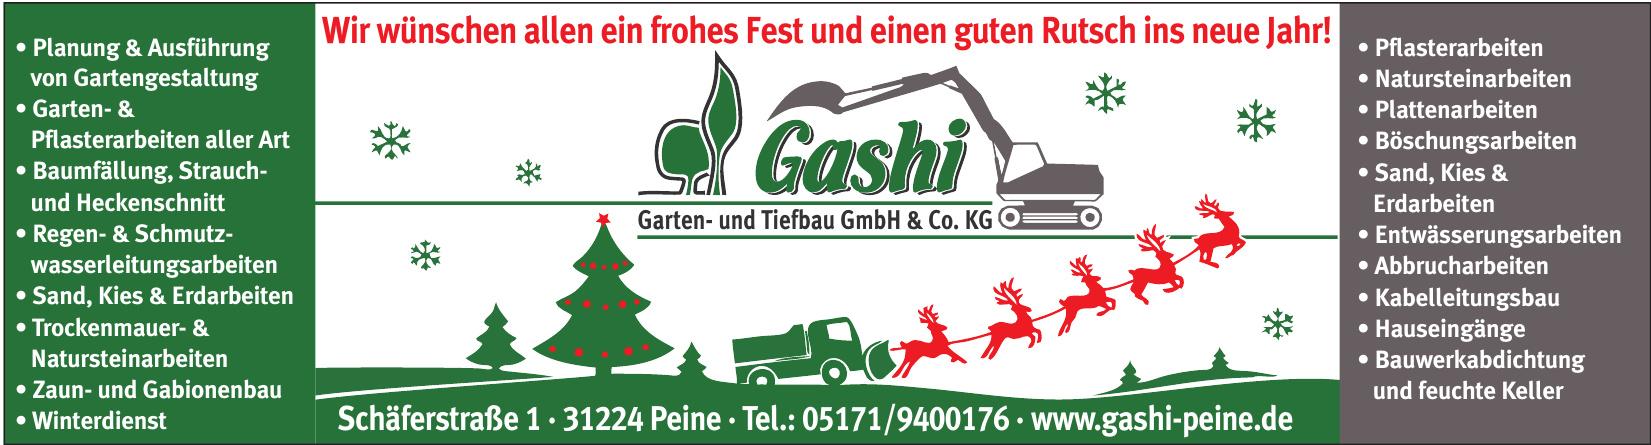 Gashi Garten- und Tiefbau GmbH & Co. KG